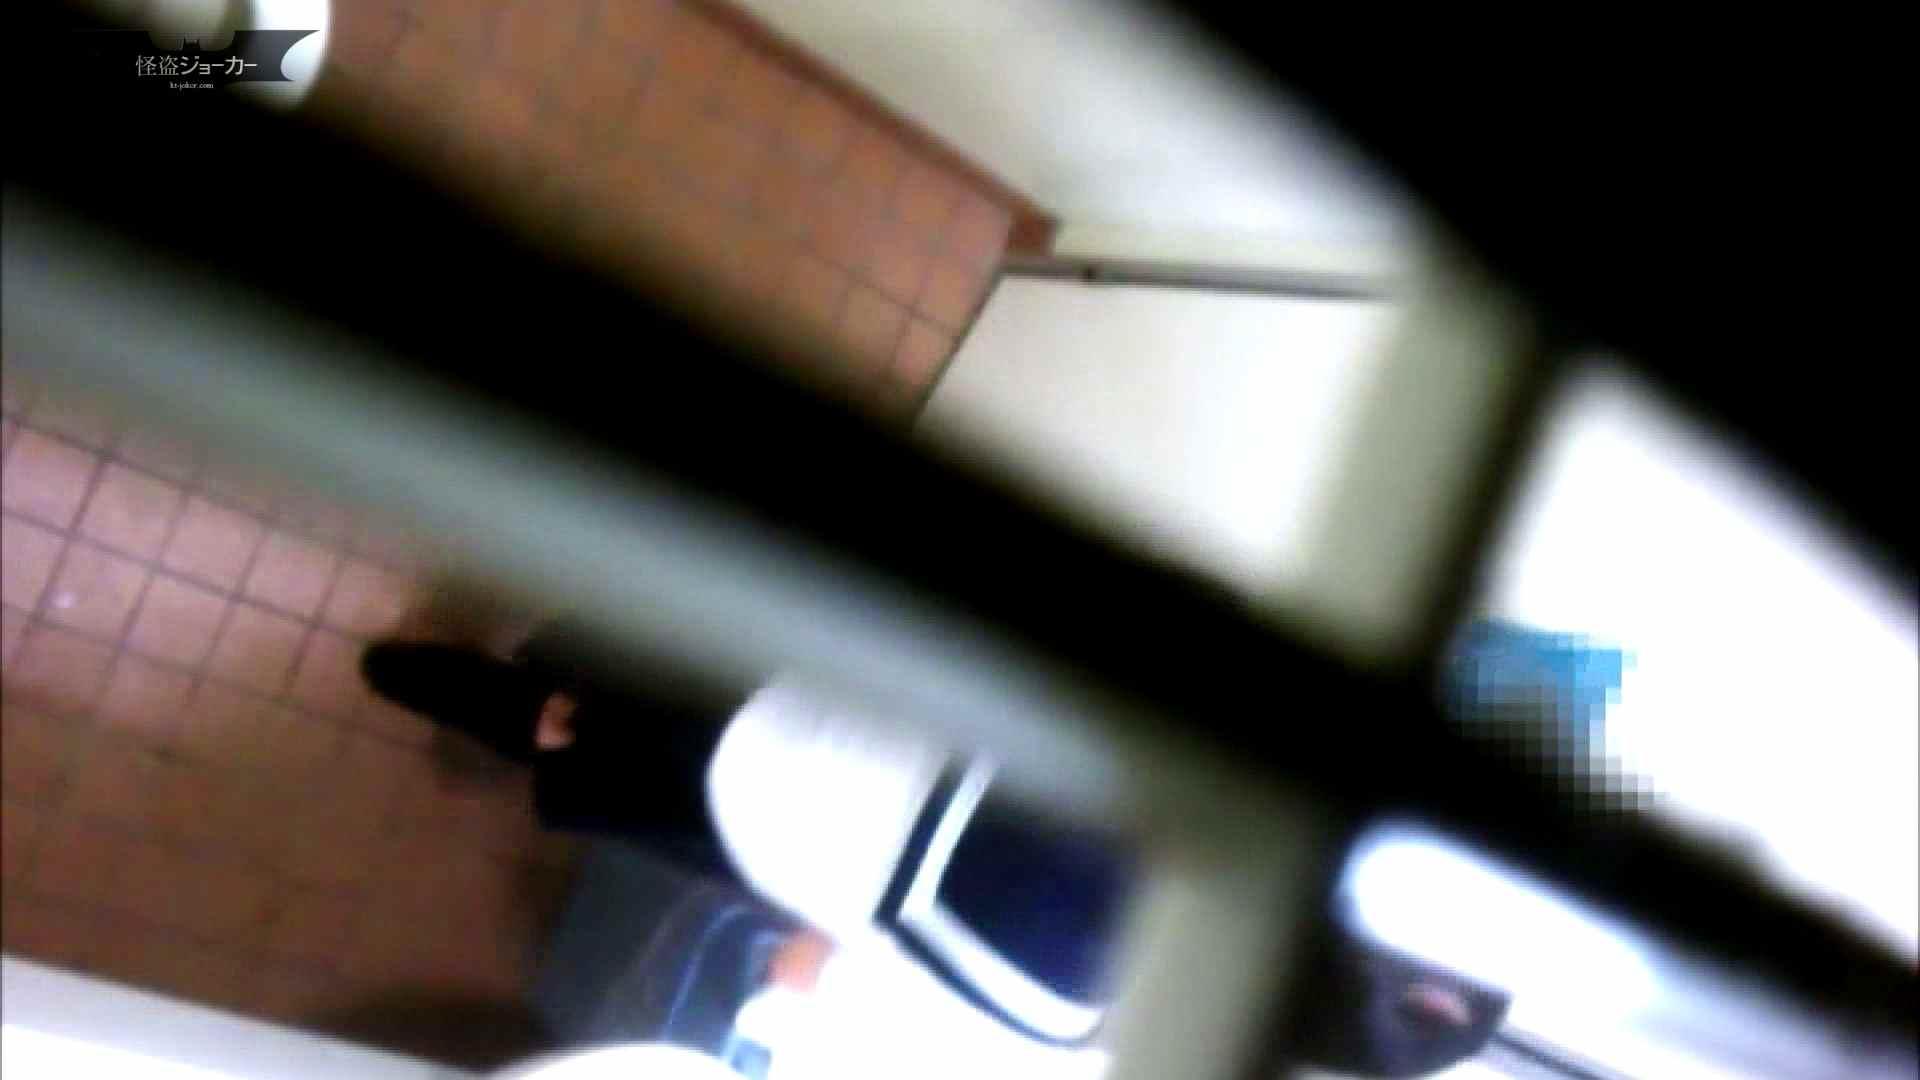 店長代理の盗撮録 Vol.02 制服ばかりをあつめてみました。その2 OL | 盗撮エロすぎ  86連発 14